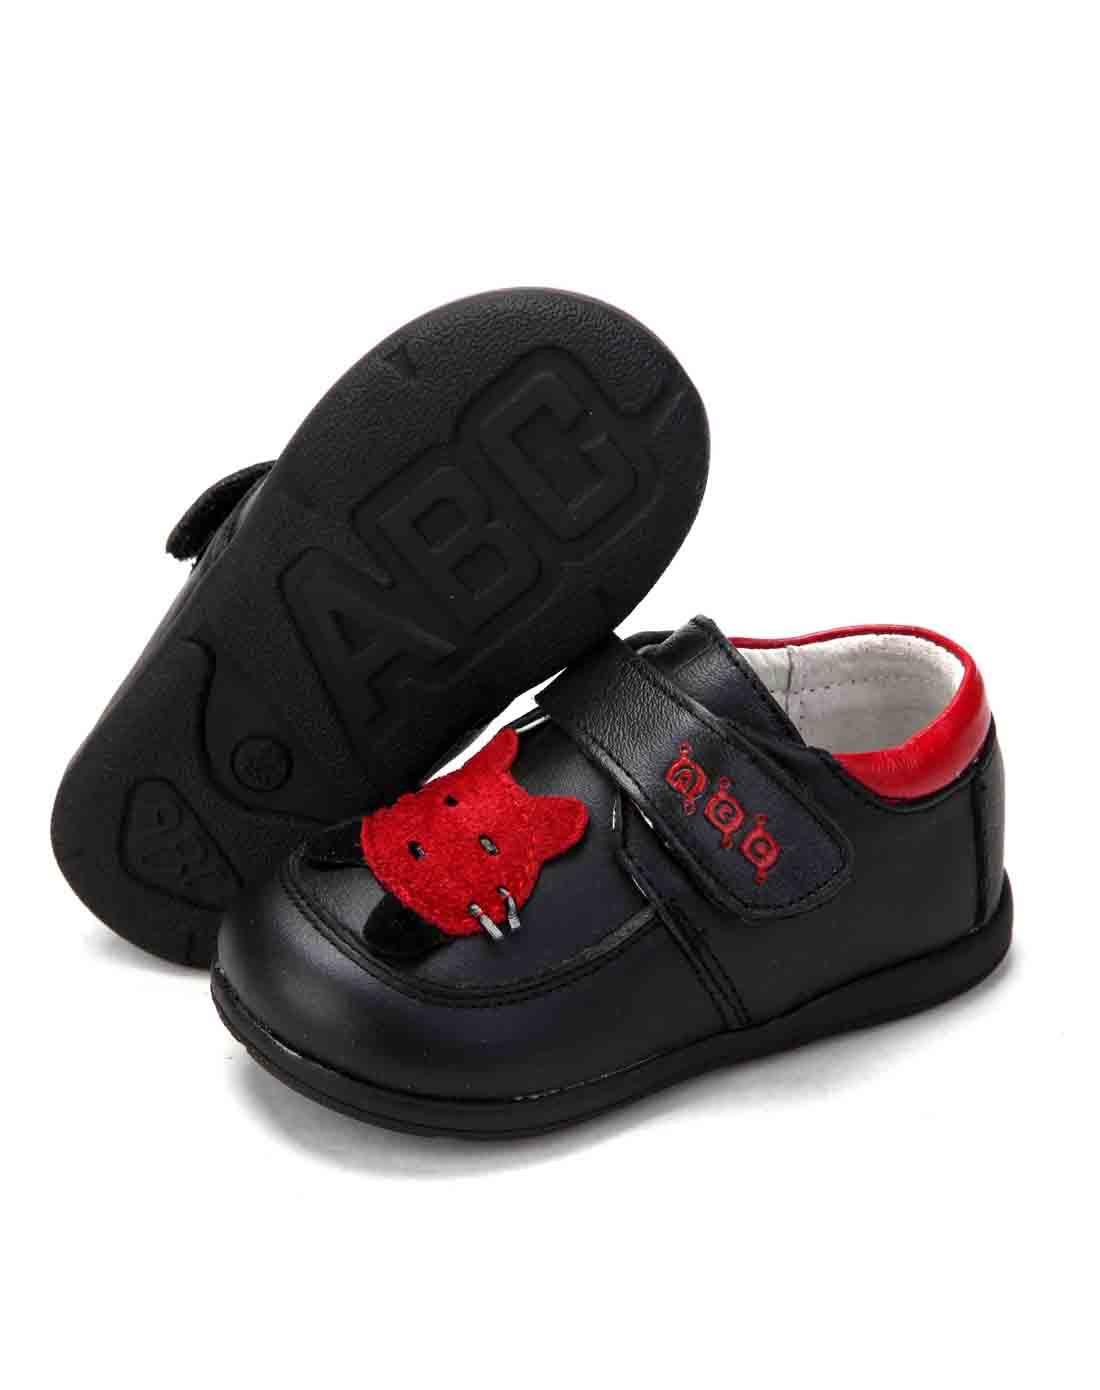 abckids童装童鞋专场男宝宝鞋黑色皮鞋p21214515